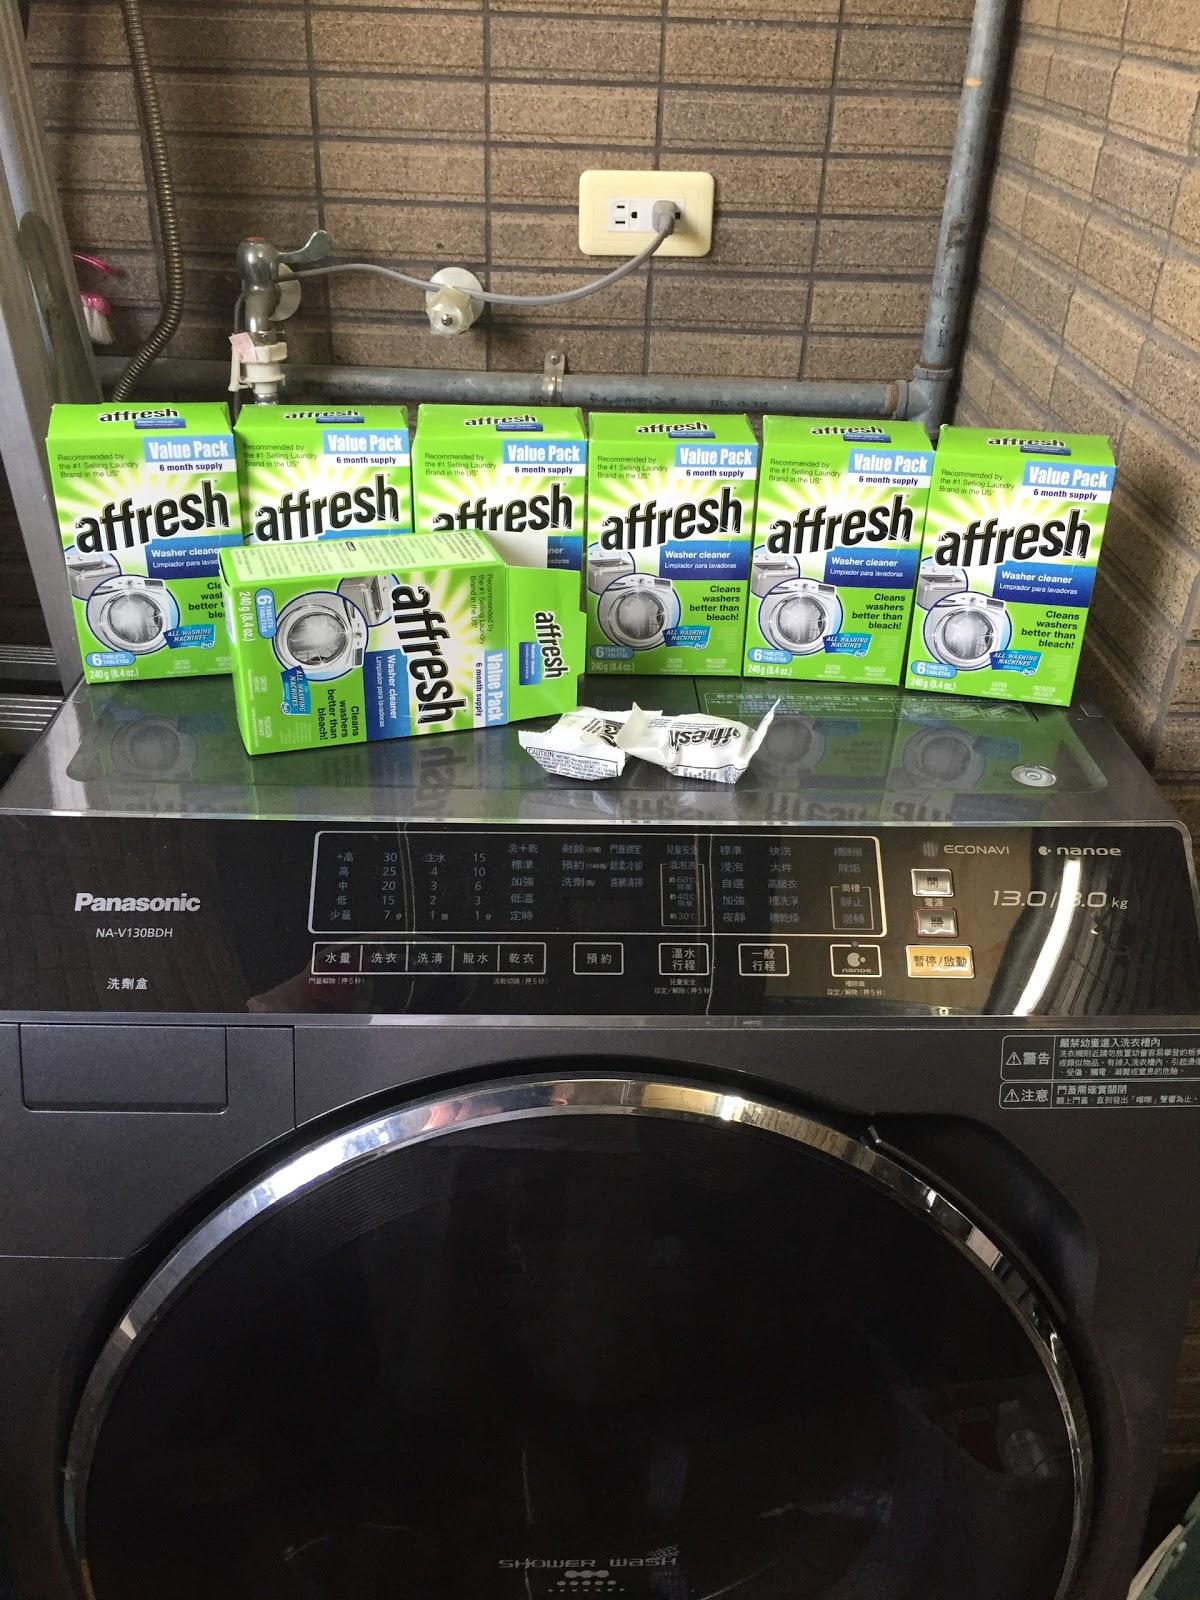 苗爸車庫: Panasonic NA-V130BDH 滾筒洗衣機使用 Whirlpool Affresh 清潔錠進行槽洗淨